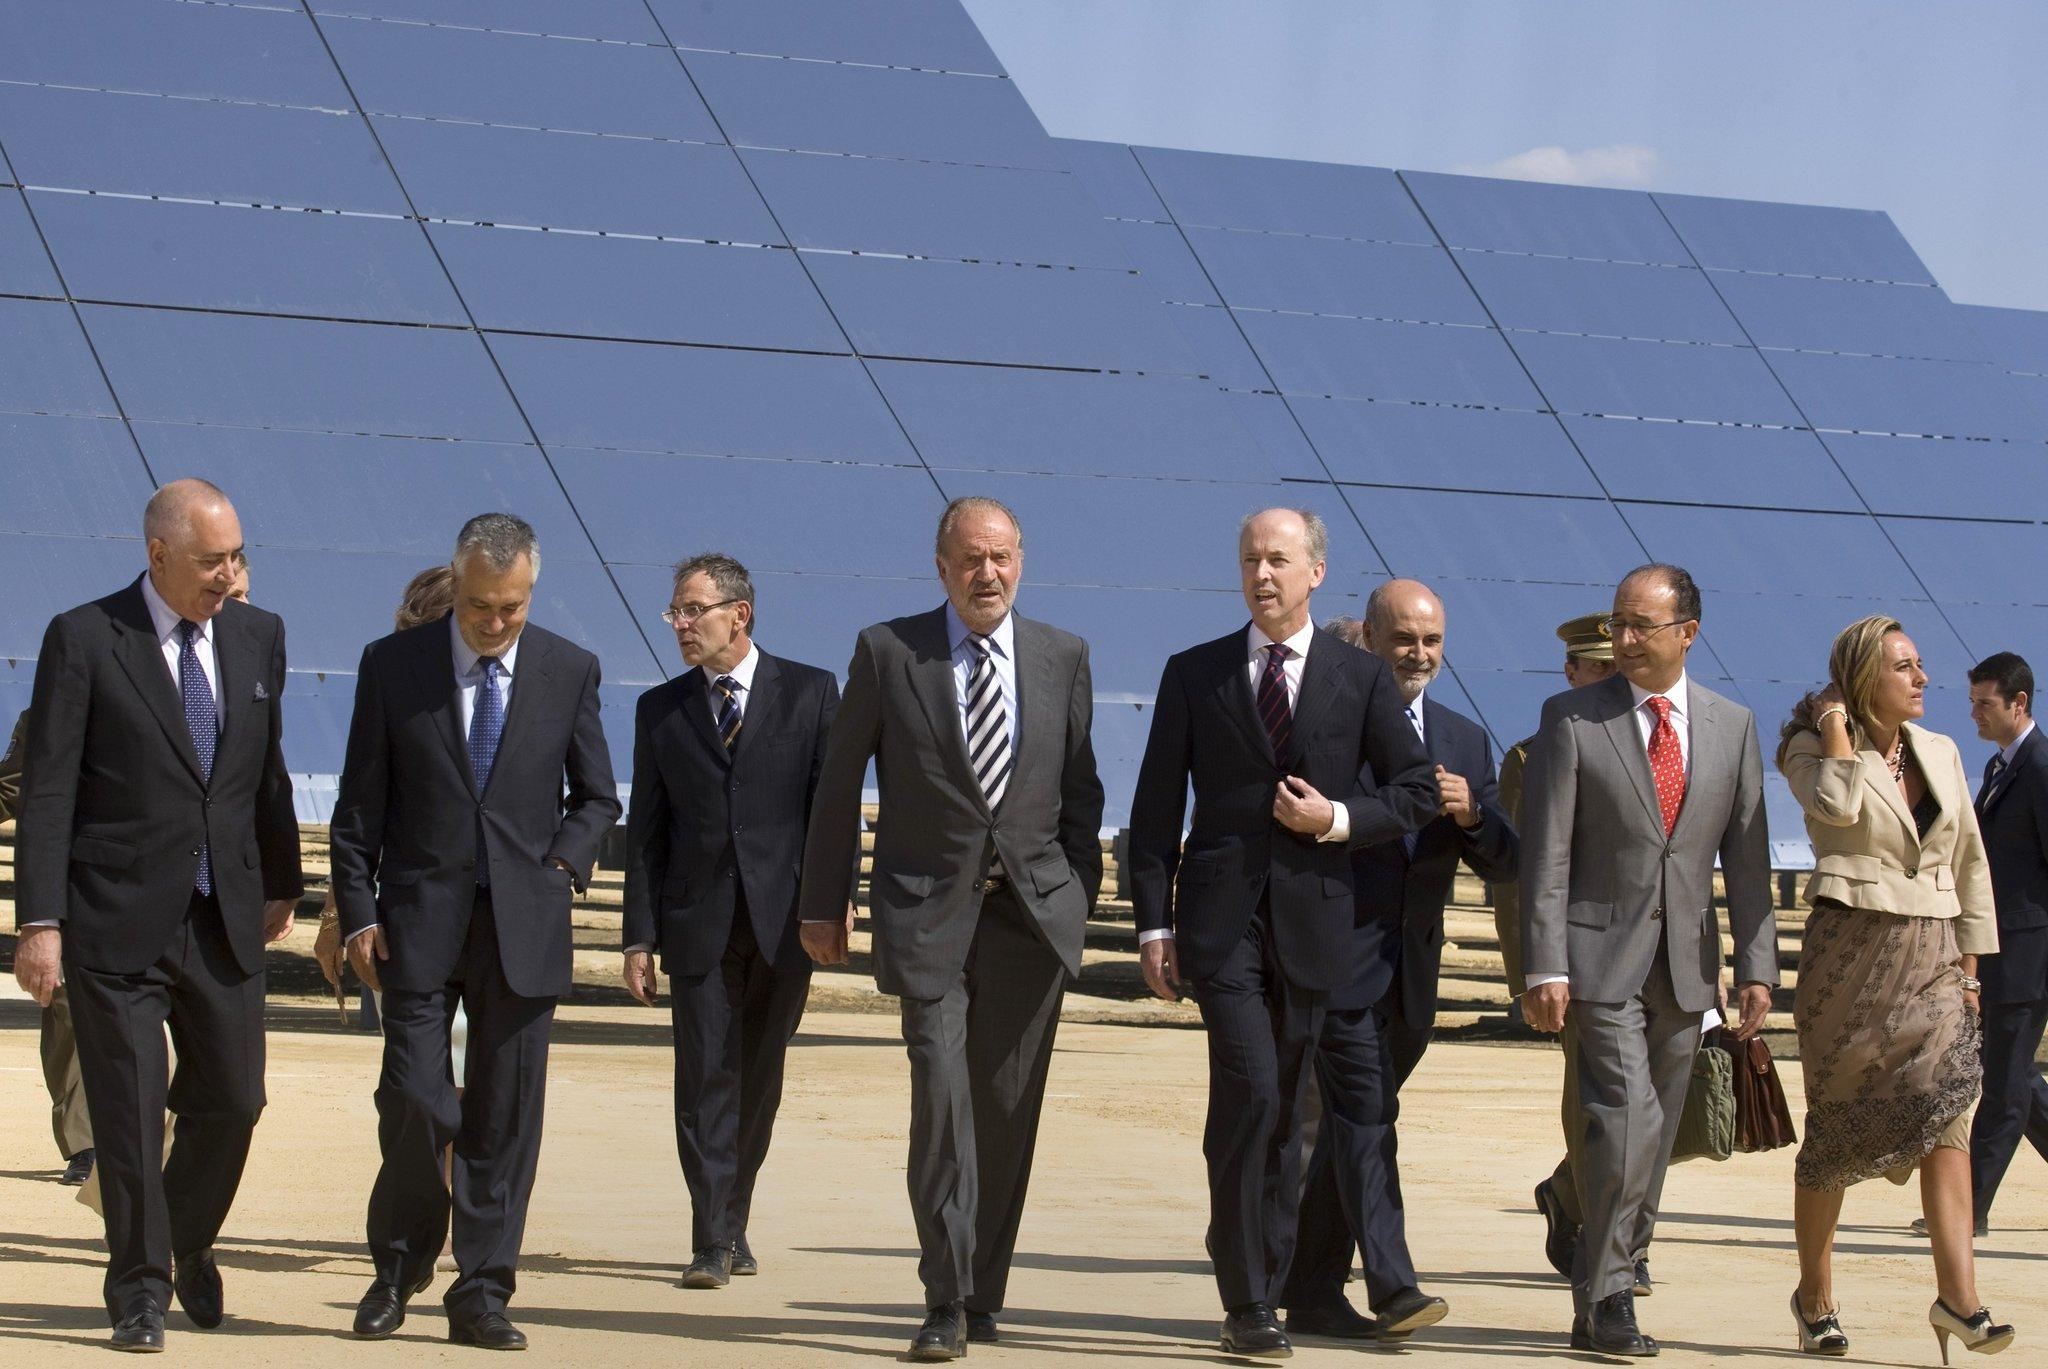 El Rey Juan Carlos y Felipe Benjumea, en la inauguración de una planta de energía solar en Sanlúcar la Mayor, en 2009.